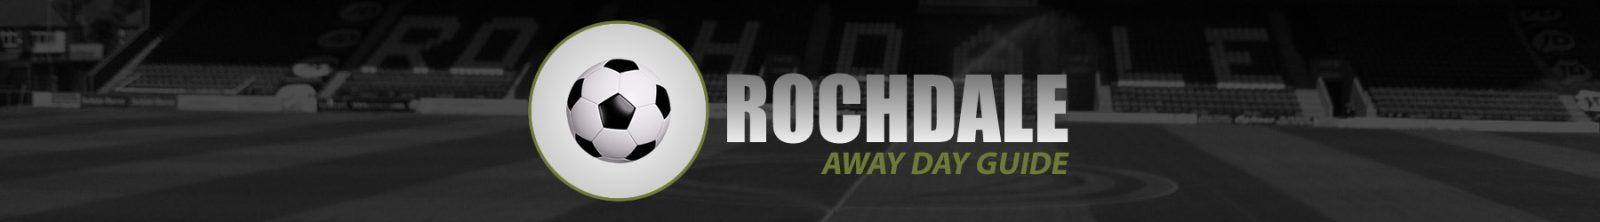 Rochdale Away